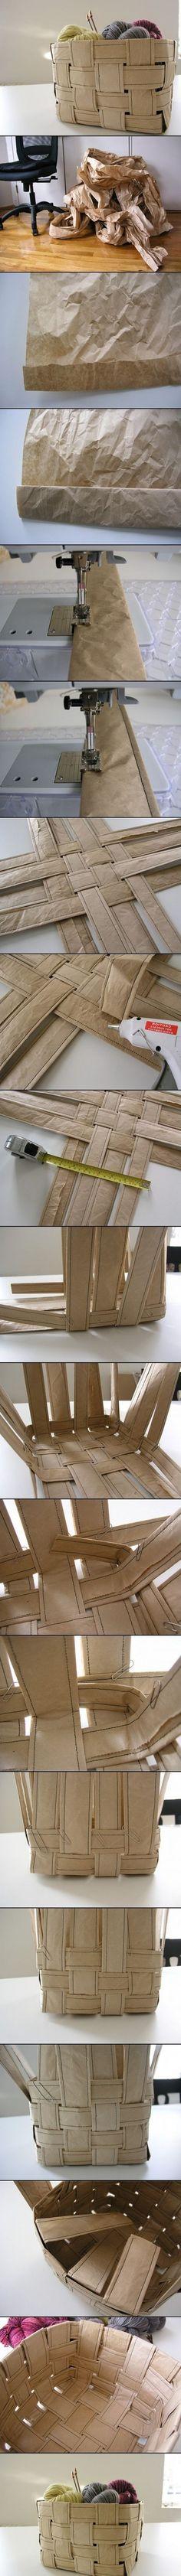 DIY RECYCLED PAPER BASKET / recycler du papier, le coudre et le tresser a la manière de la vannerie pour en faire un panier / Tuto / DIY